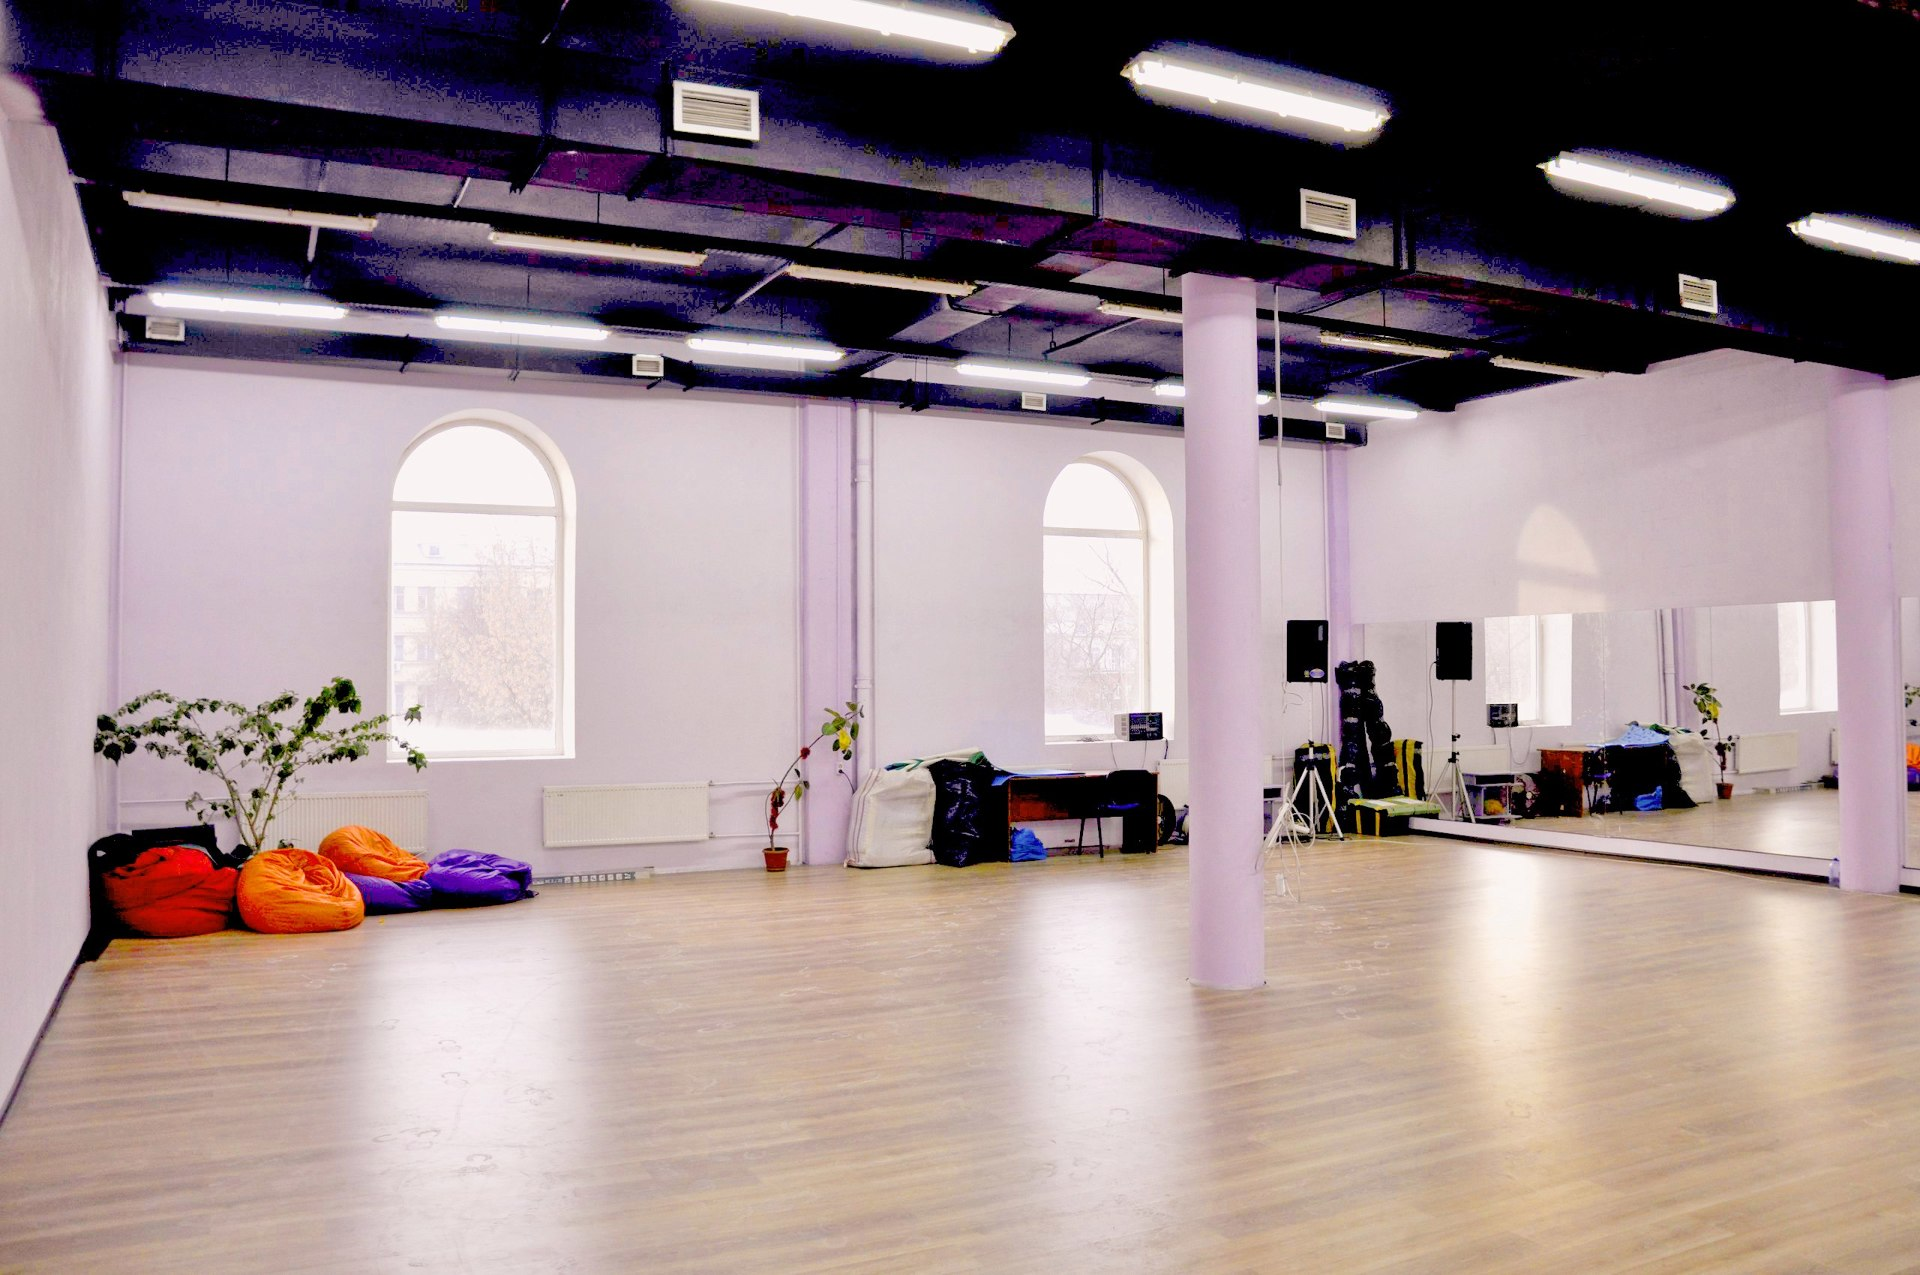 Картинки зала для танцев